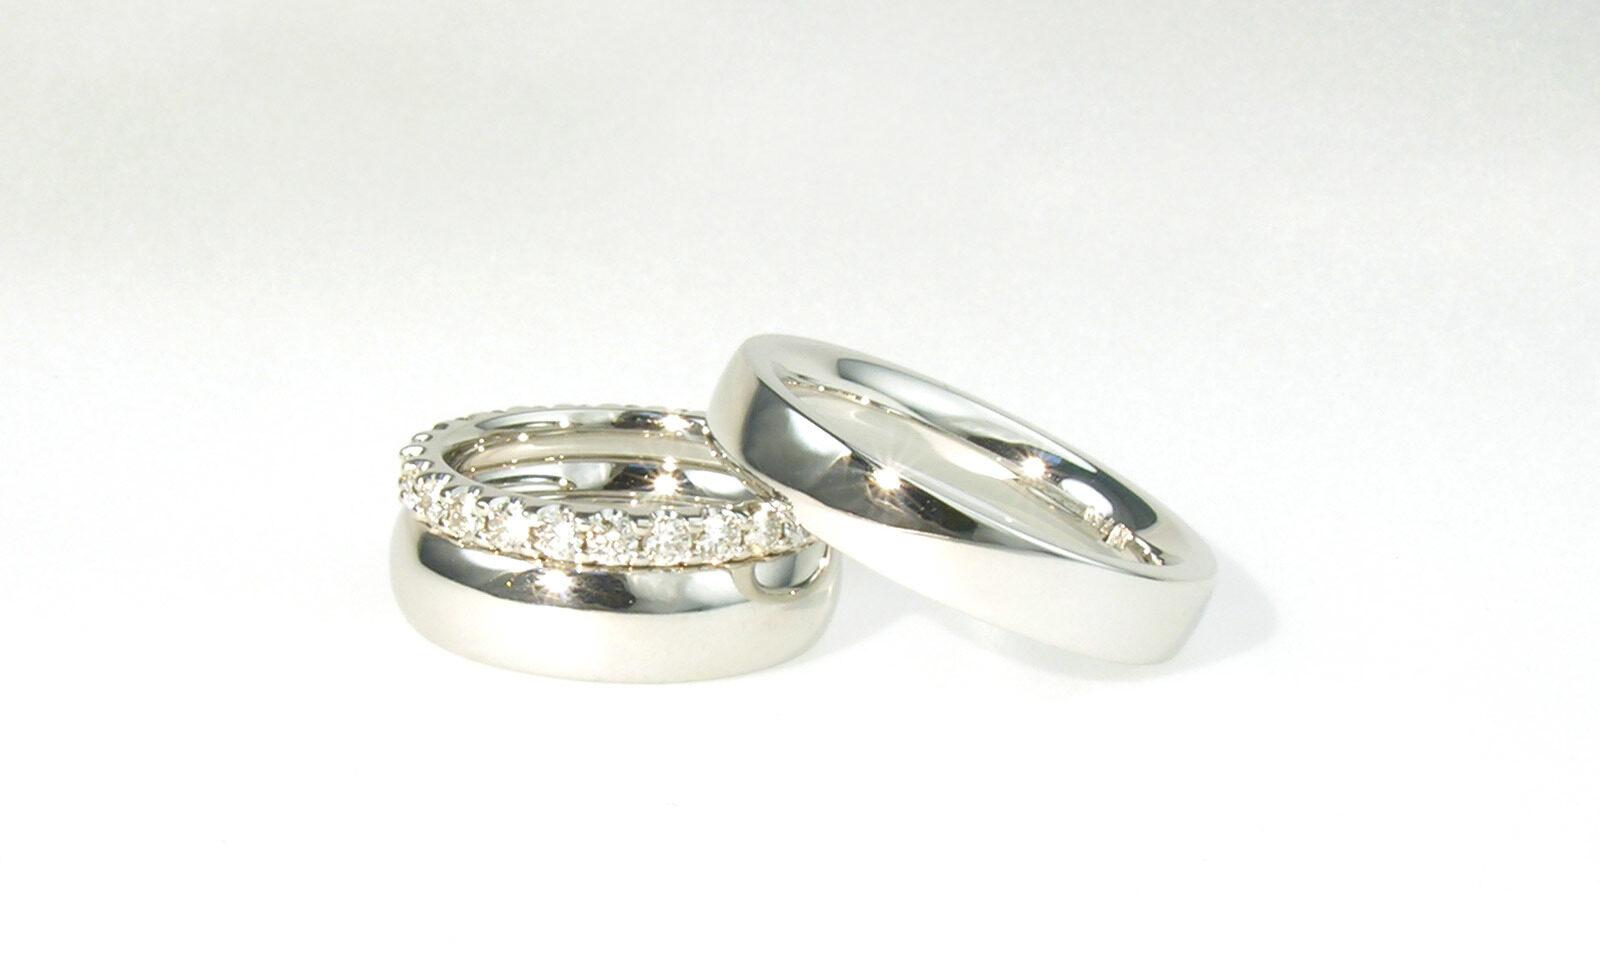 Alliance Ringe Weissgold. Trauringe Weissgold 750, zweiter Damenring mit Brillanten, individuelle Anfertigung für Kunden